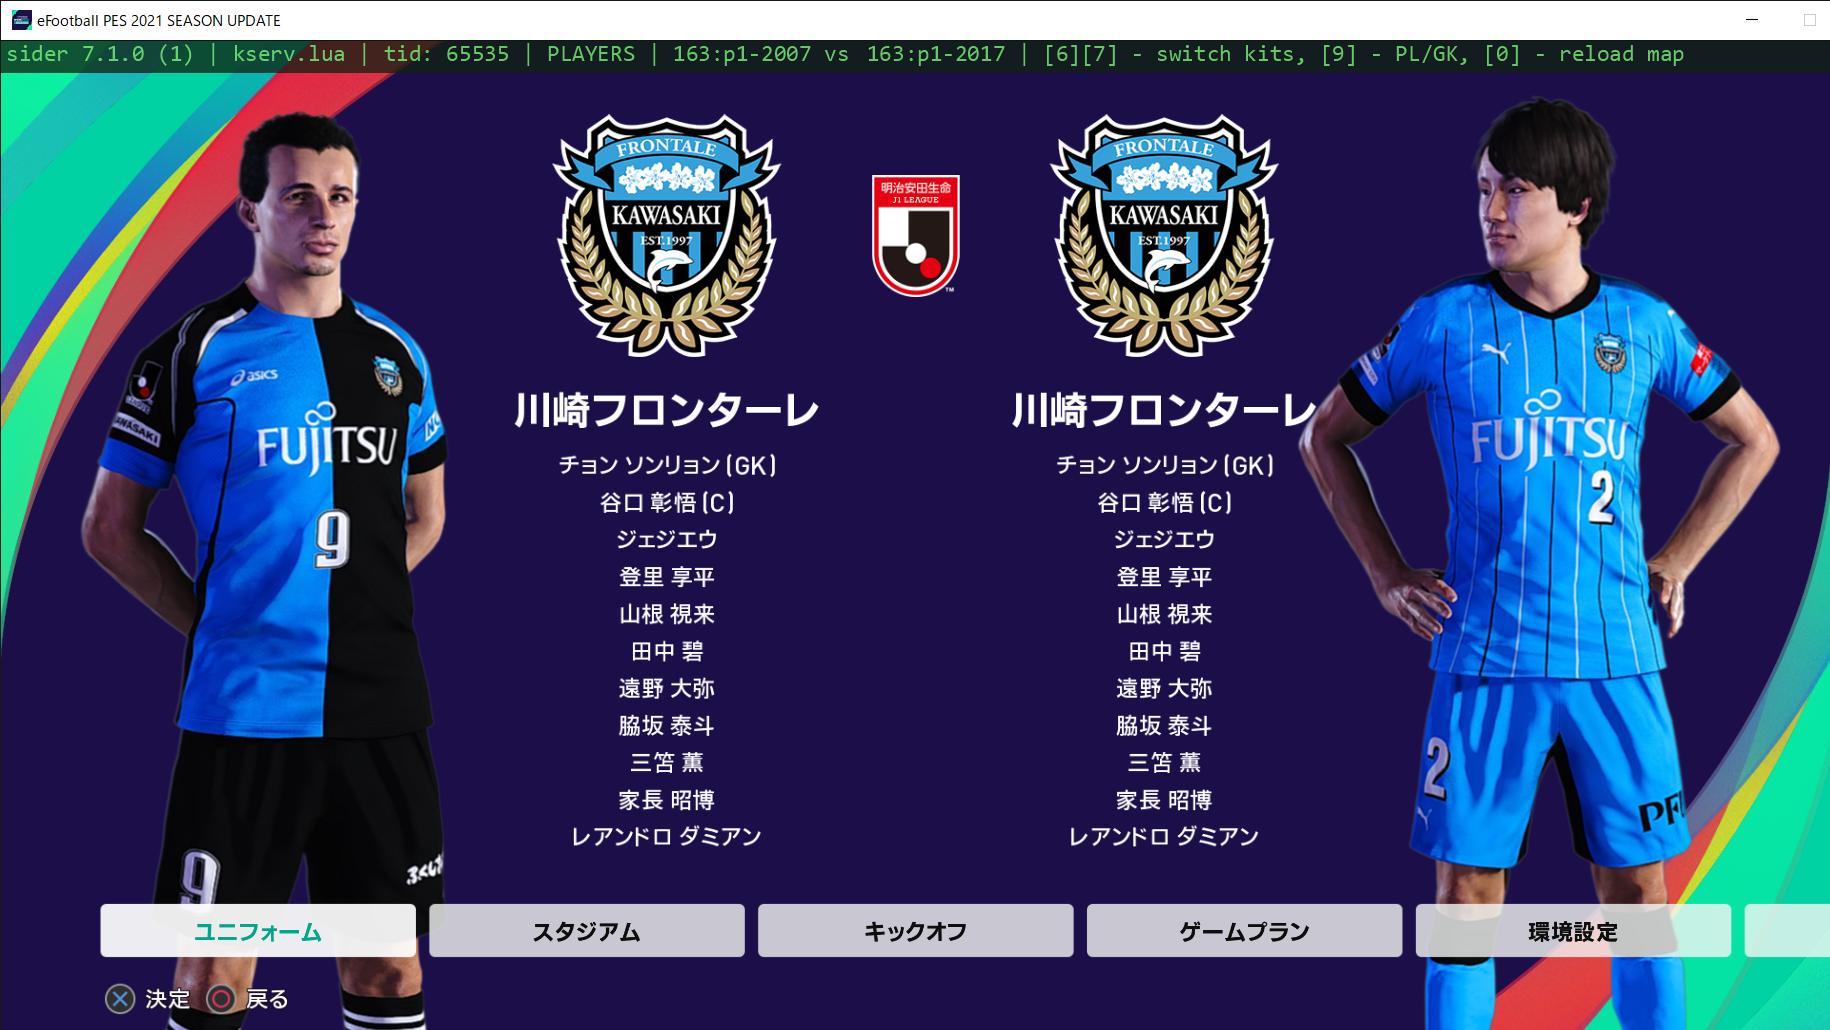 KAWASAKI2007J+2014J